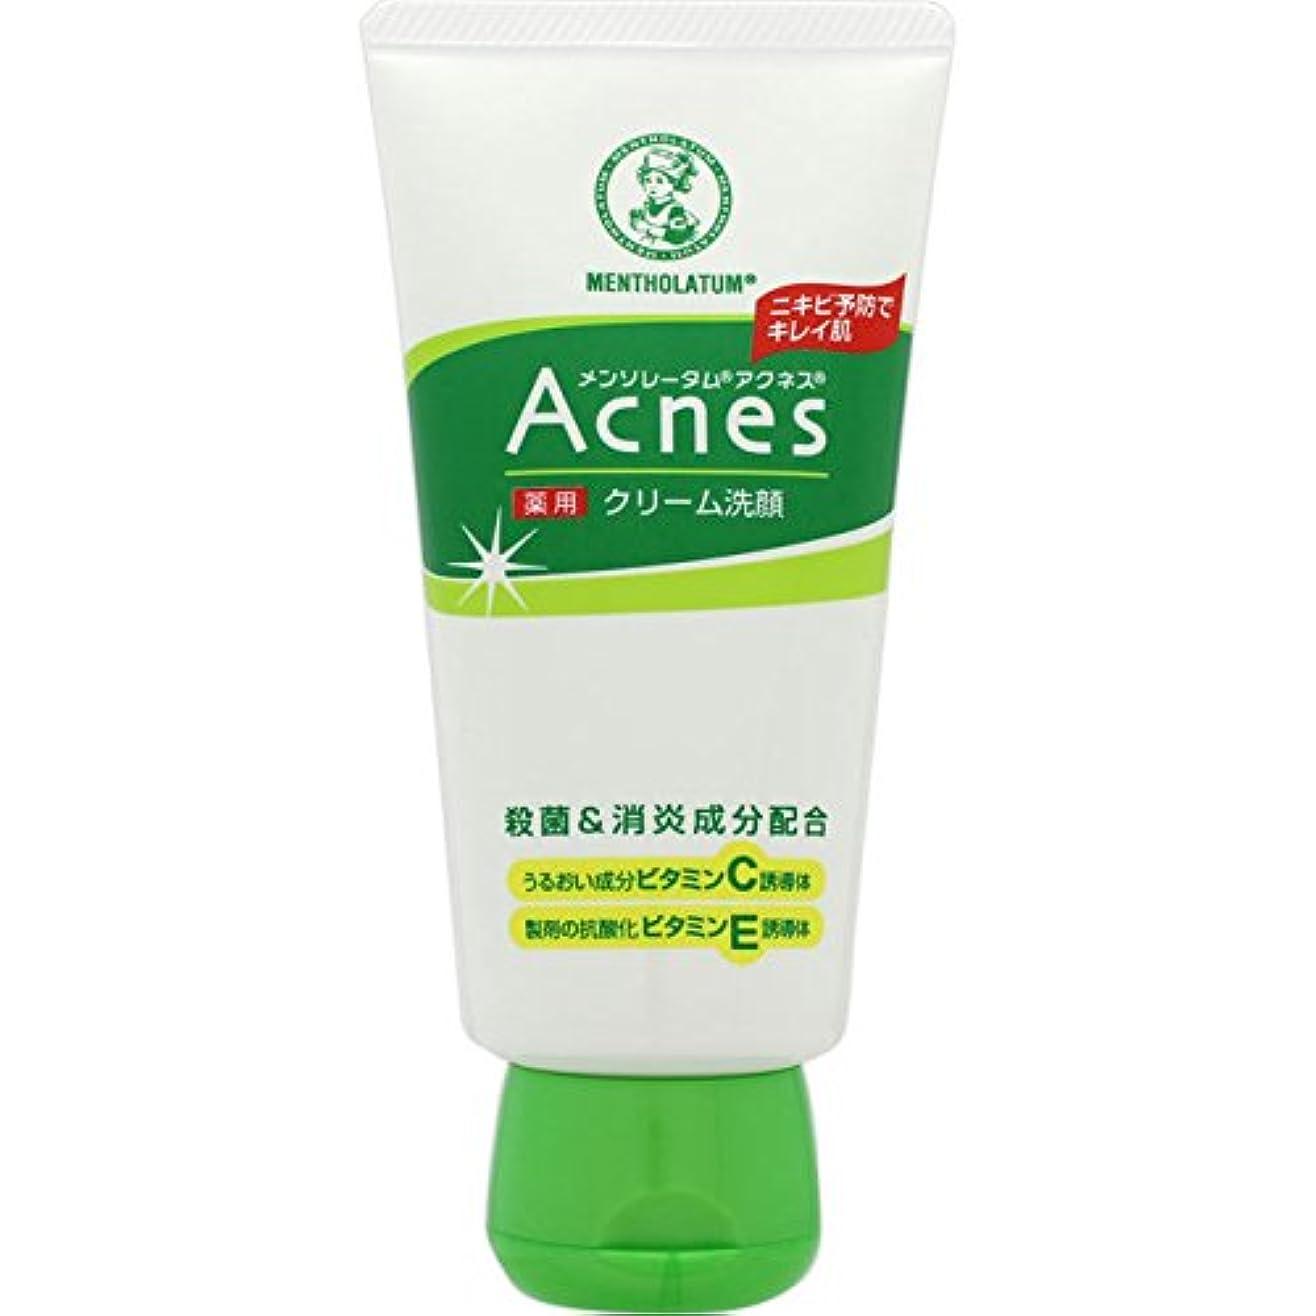 寄託墓周りアクネス 薬用クリーム洗顔 130g【医薬部外品】